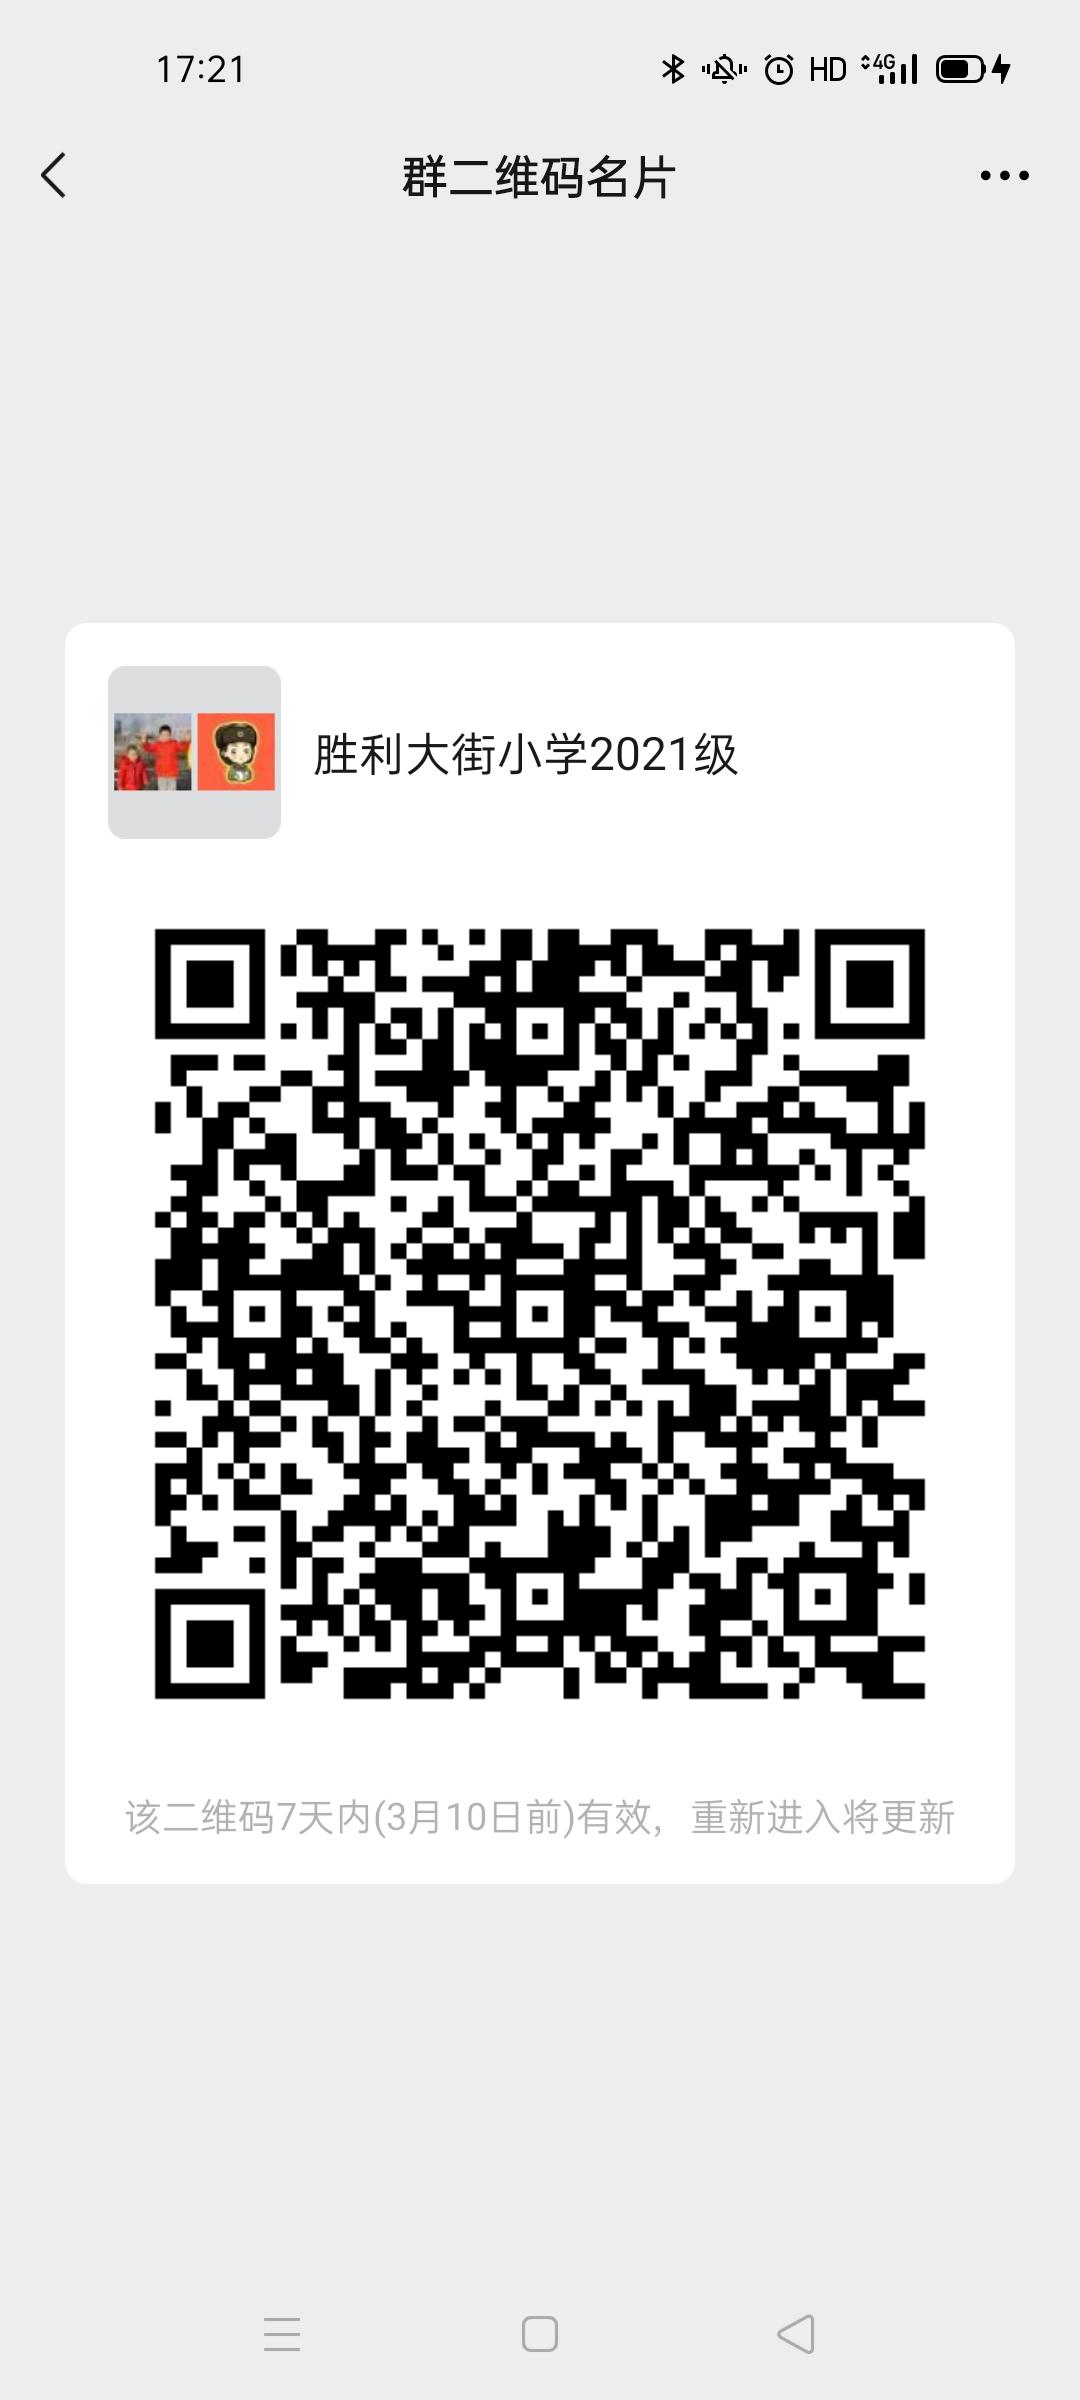 Screenshot_2021-03-03-17-21-46-99.jpg